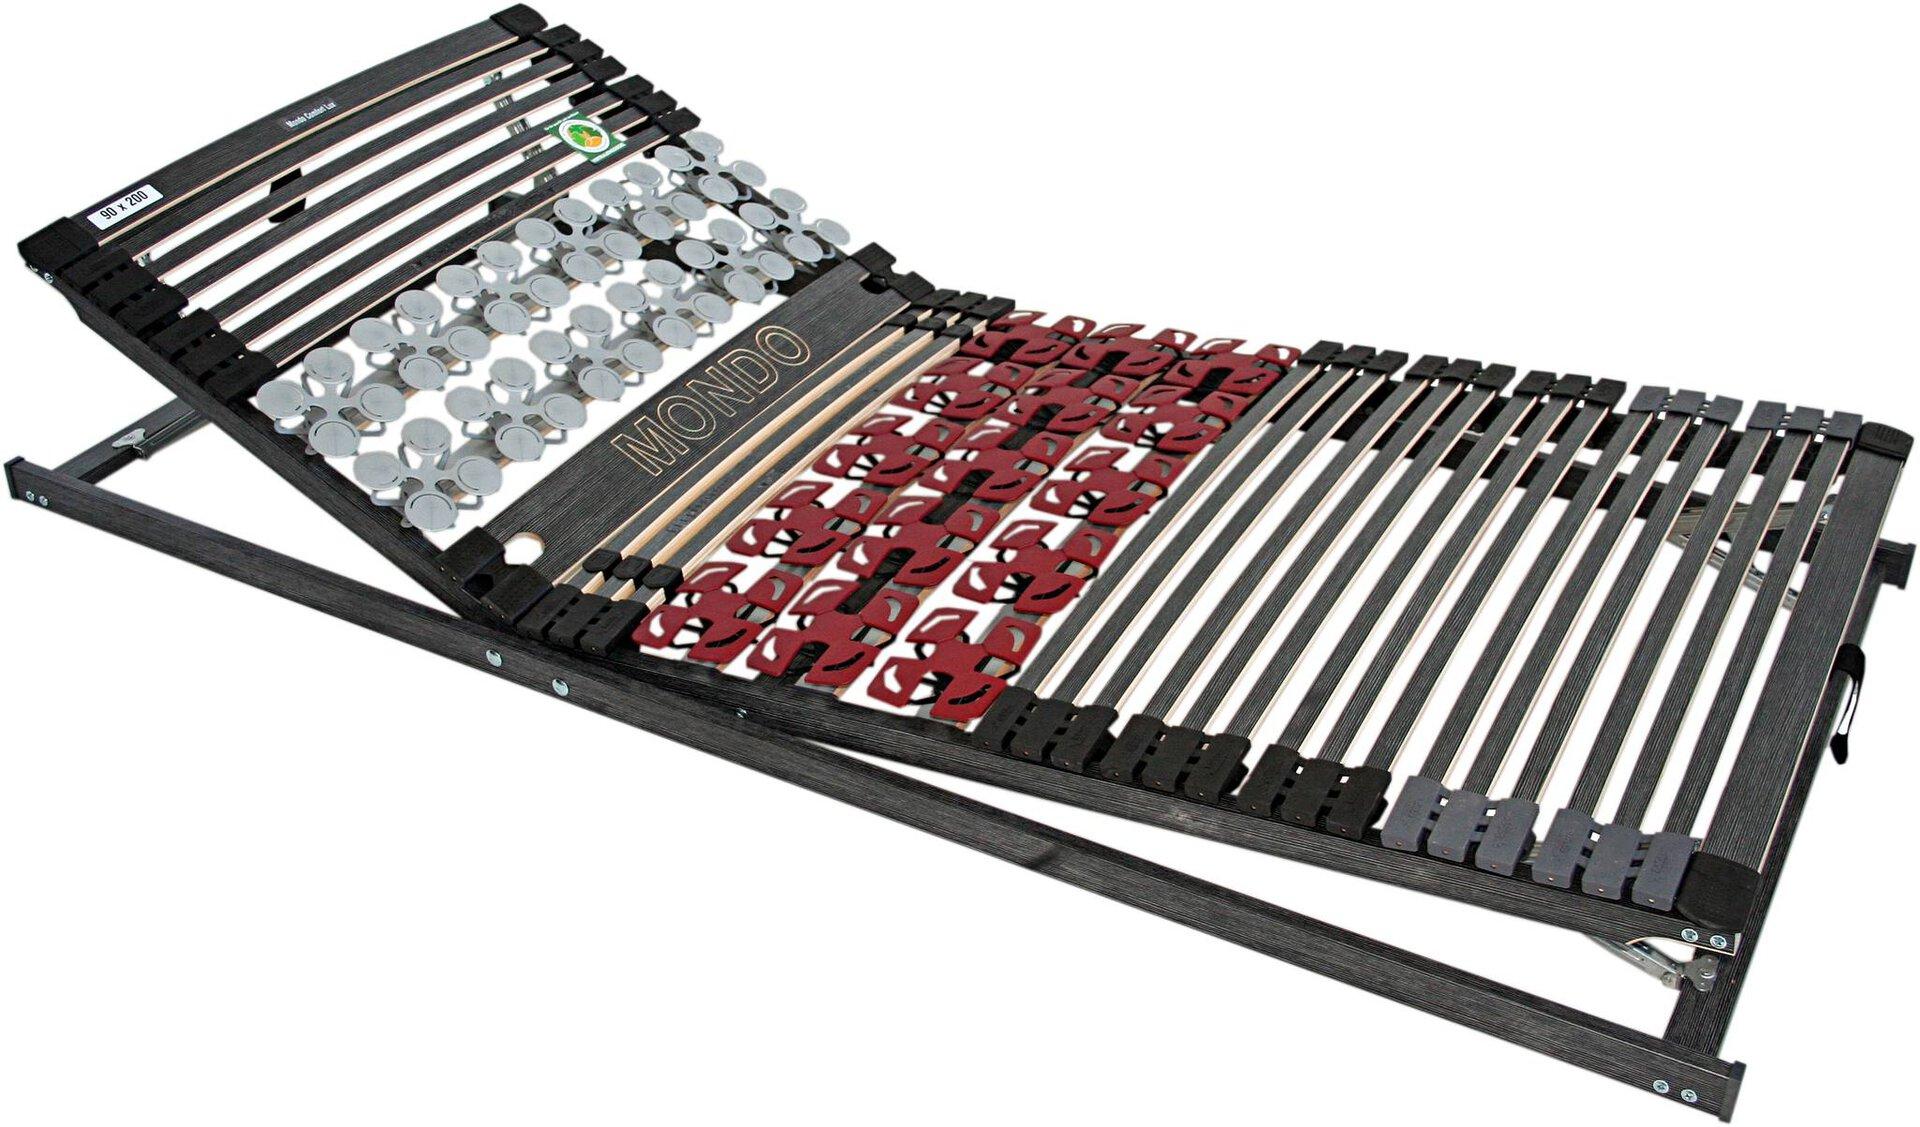 Lattenrost Superia Star KF MONDO Kunststoff schwarz 80 x 9 x 200 cm